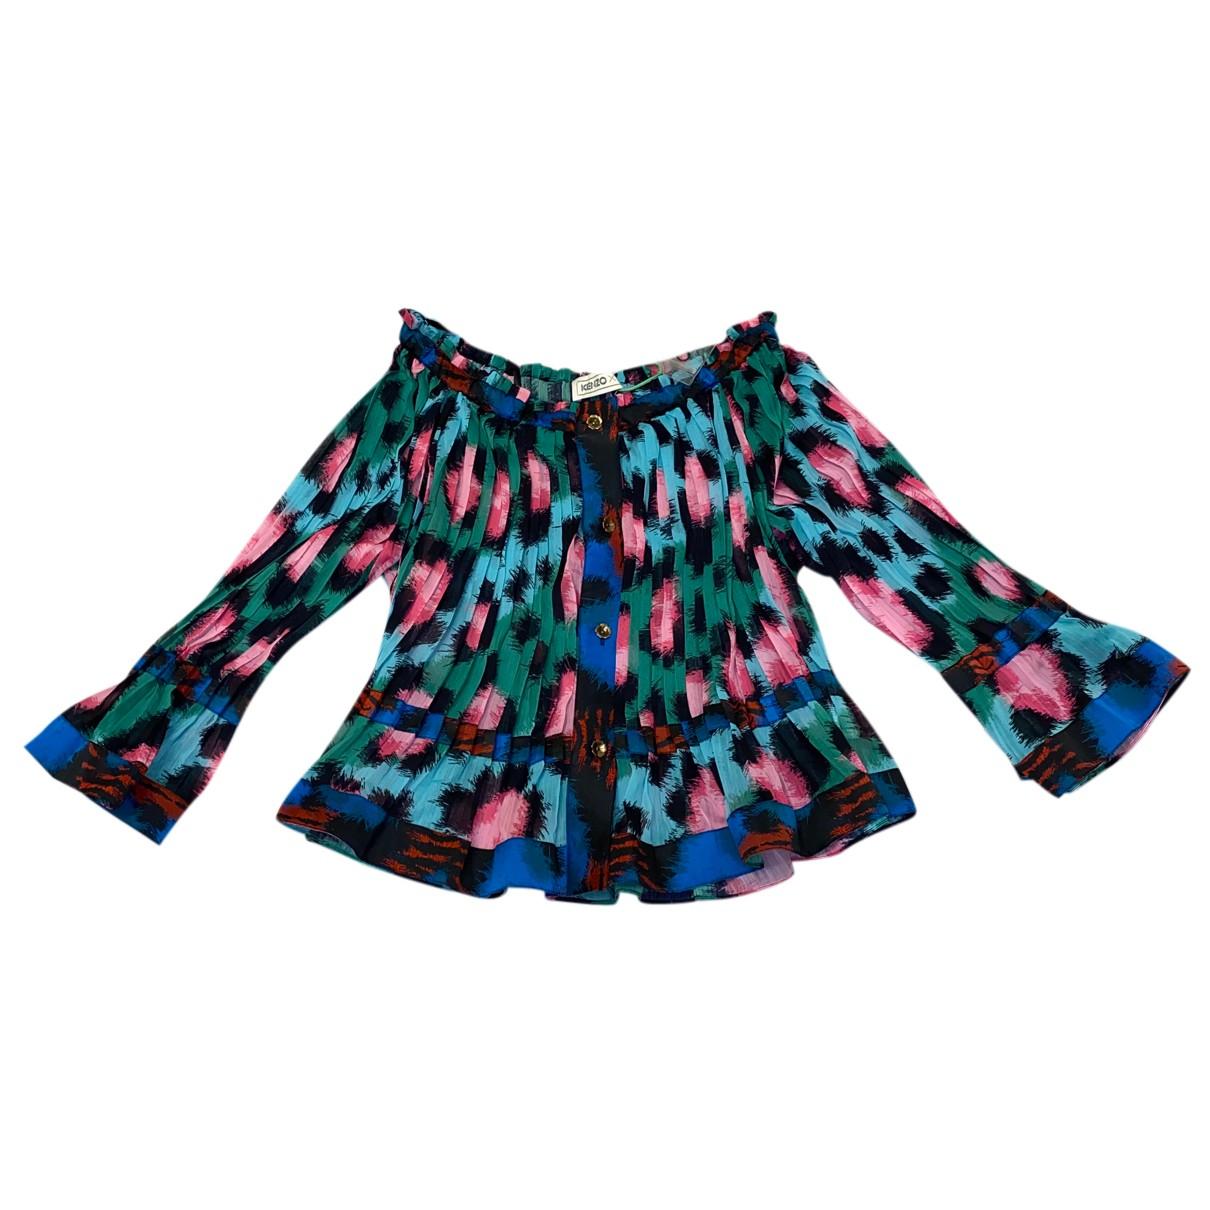 Kenzo X H&m - Top   pour femme - multicolore